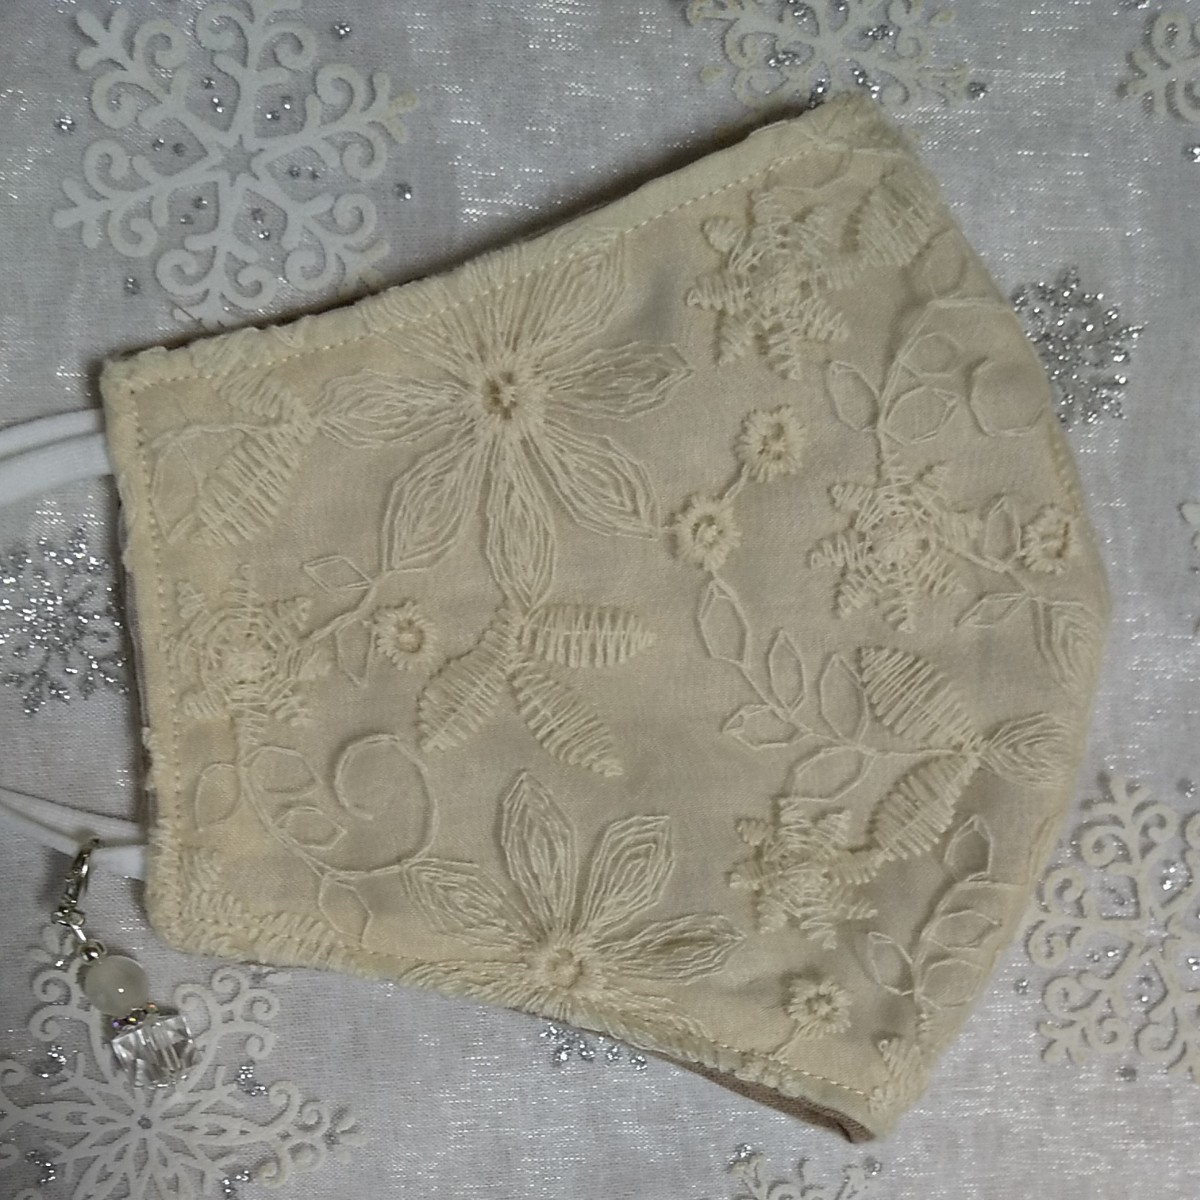 立体インナーハンドメイド、綿ガーゼ、チュール刺繍レース(アイボリー×アイボリーイエロー)(大きめサイズ)アジャスター付、チャーム付